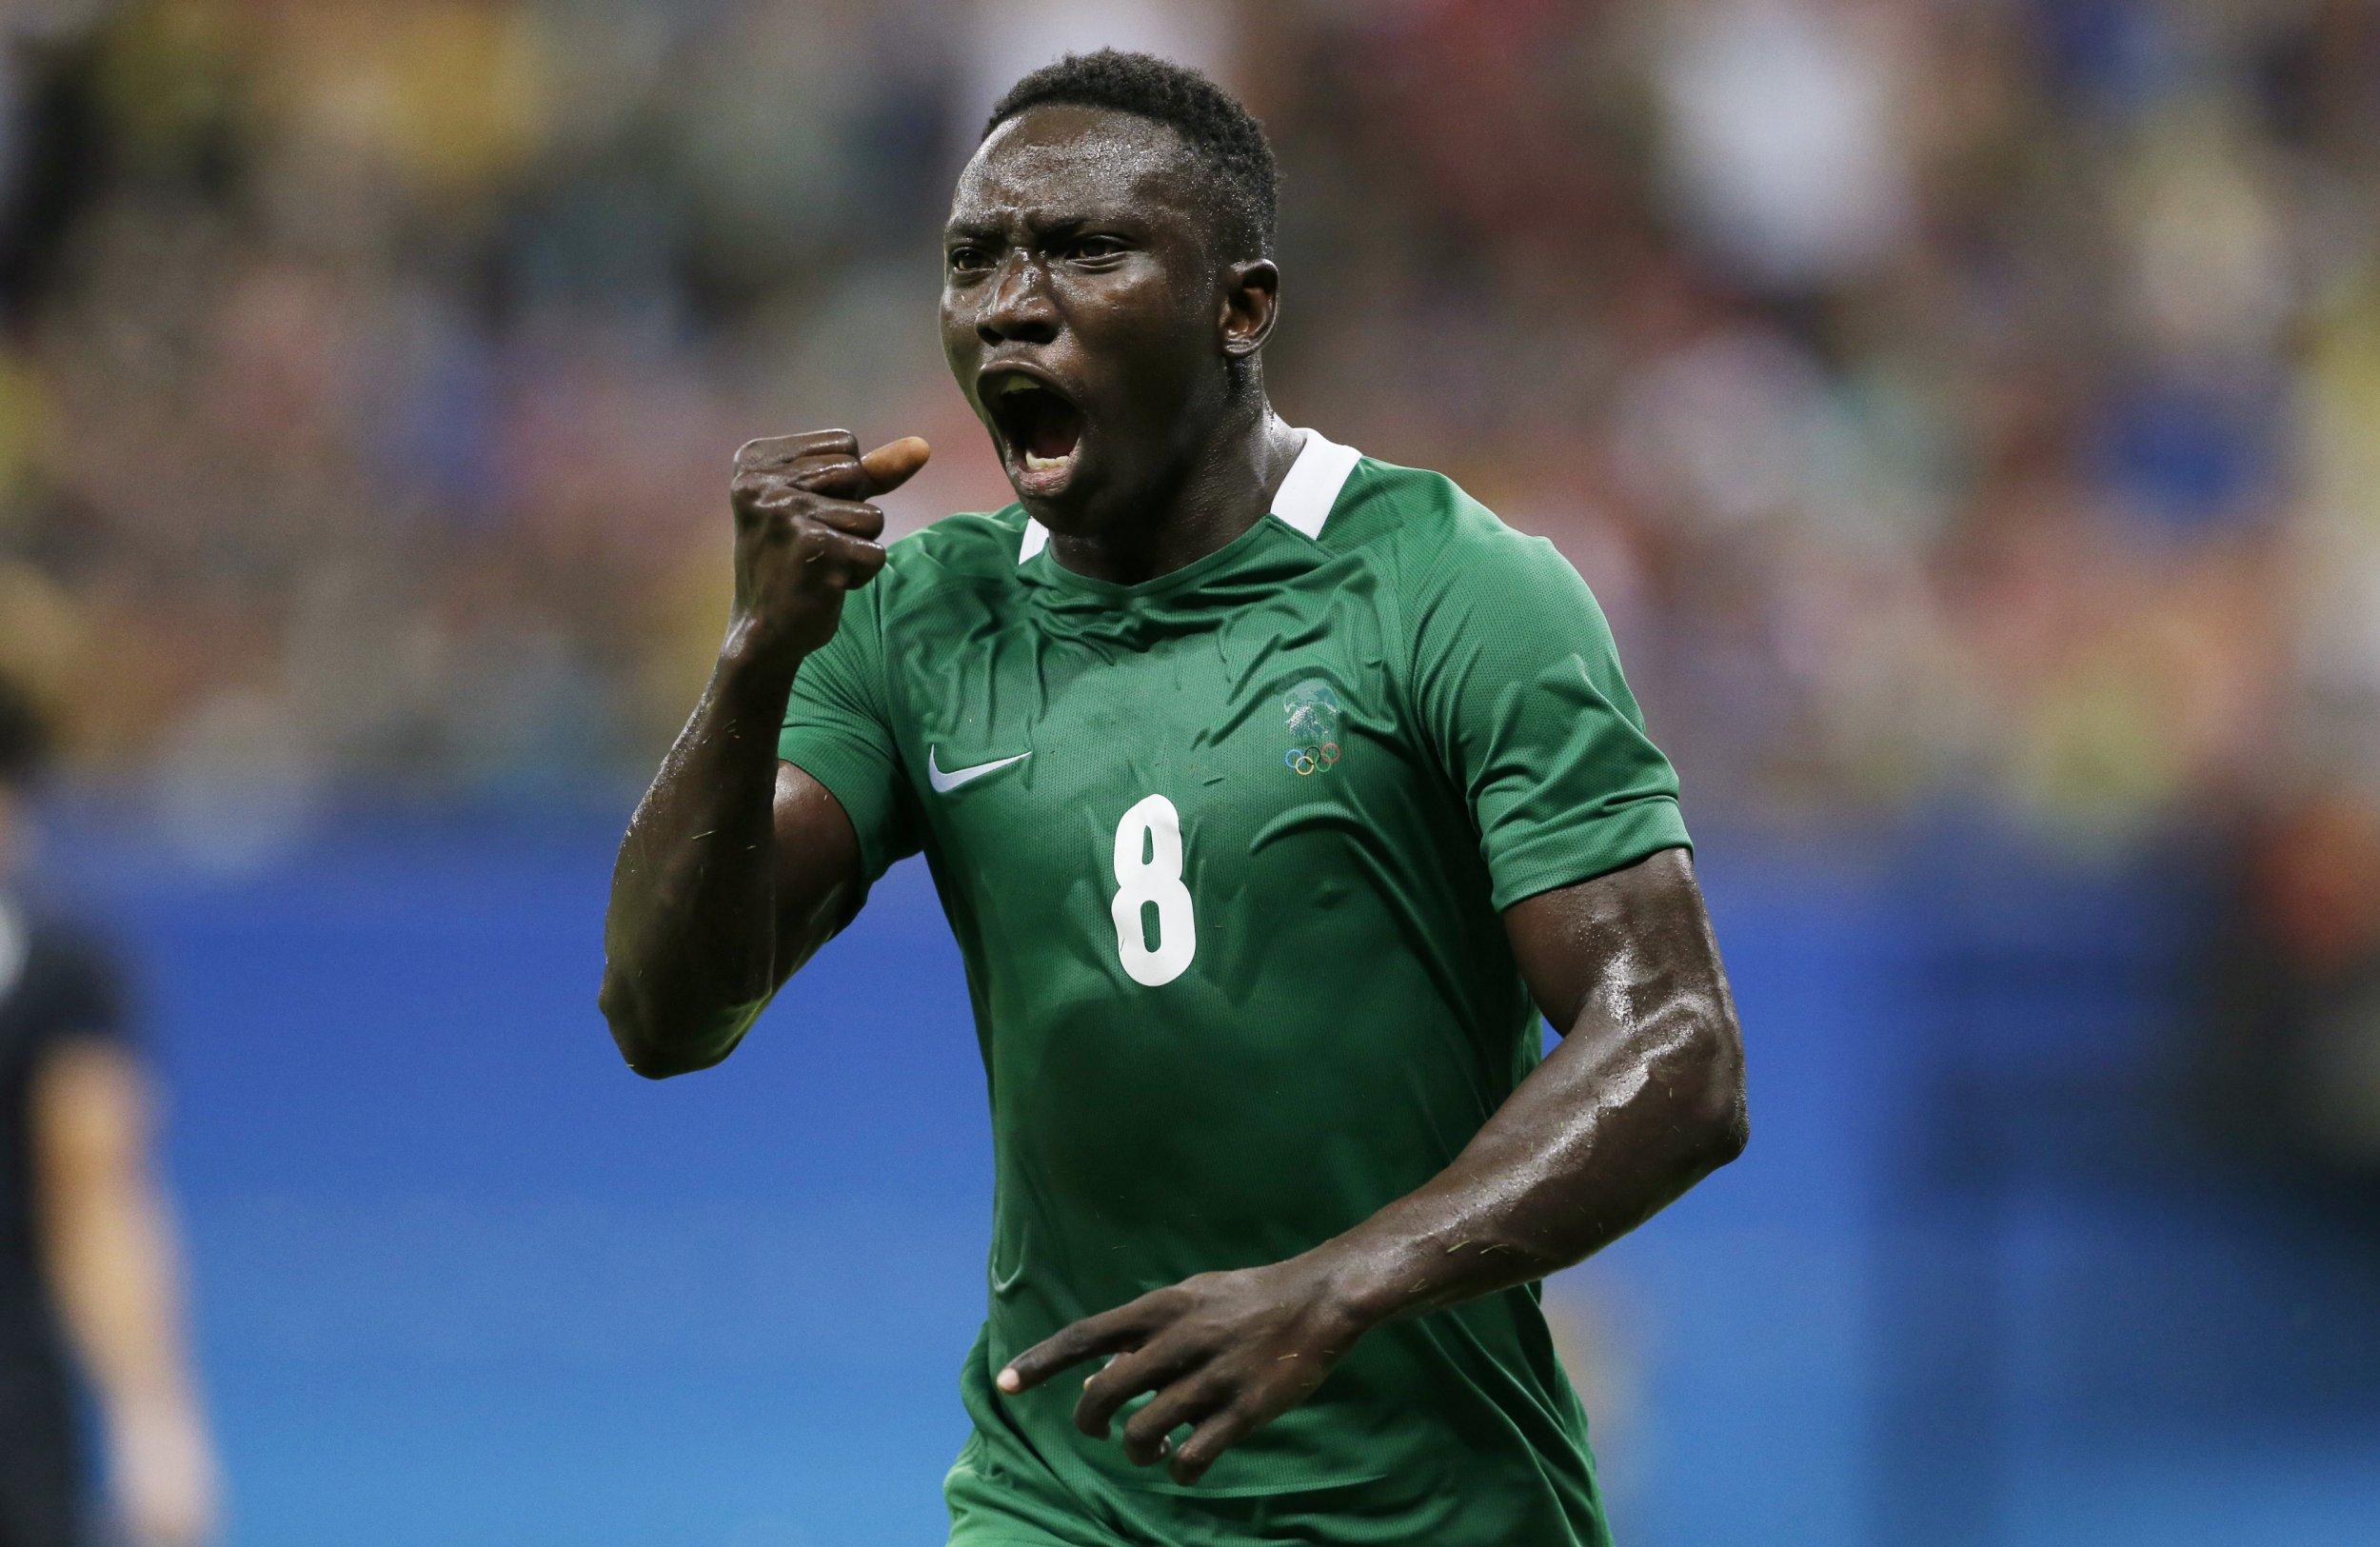 Nigeria's Oghenekaro Etebo